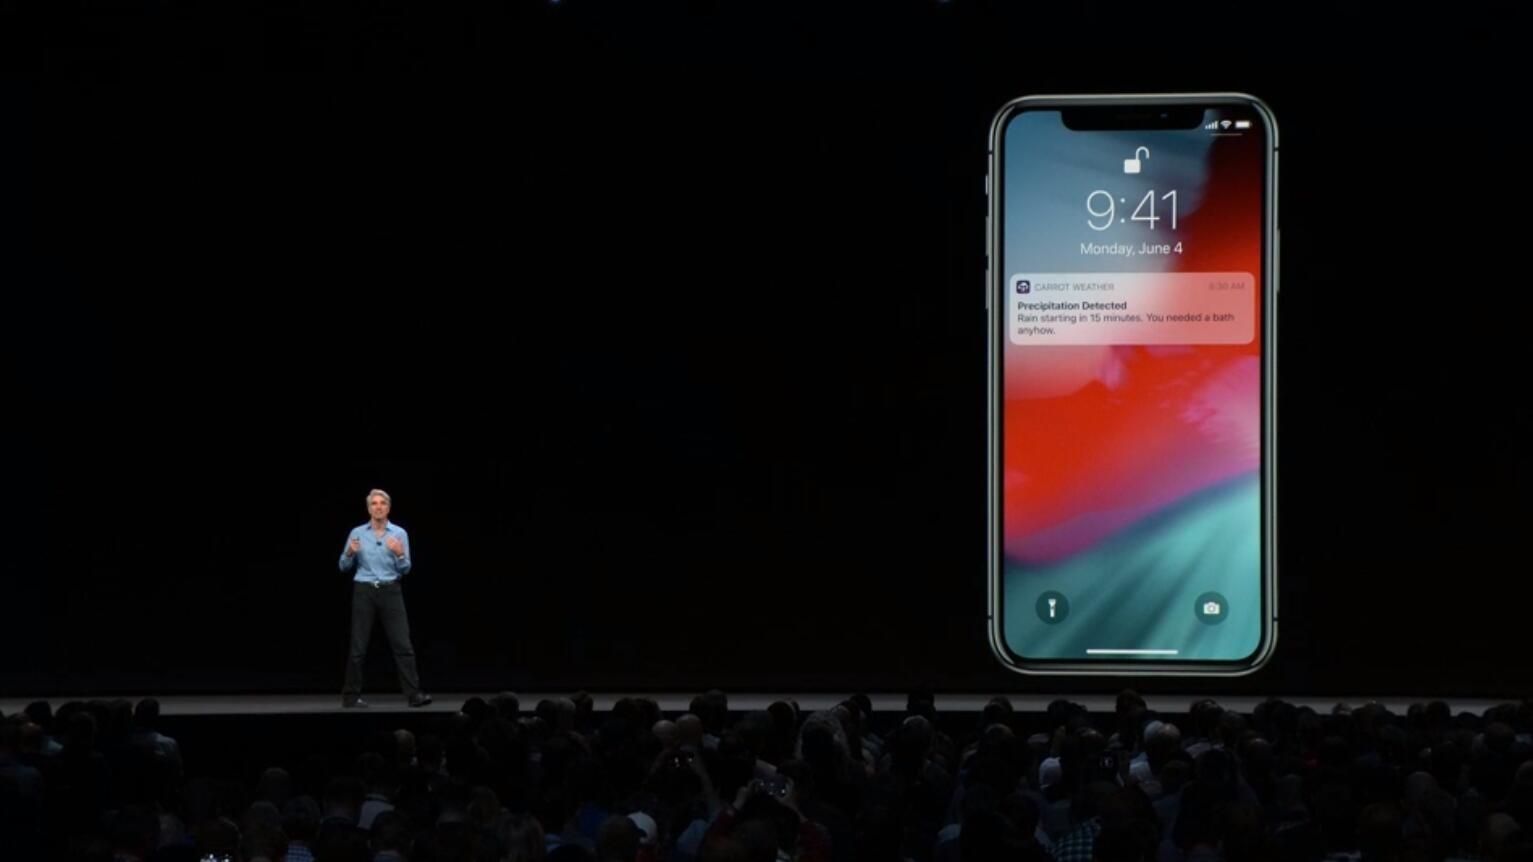 3分鐘告訴你今天凌晨的蘋果開發者大會都說了些什麼